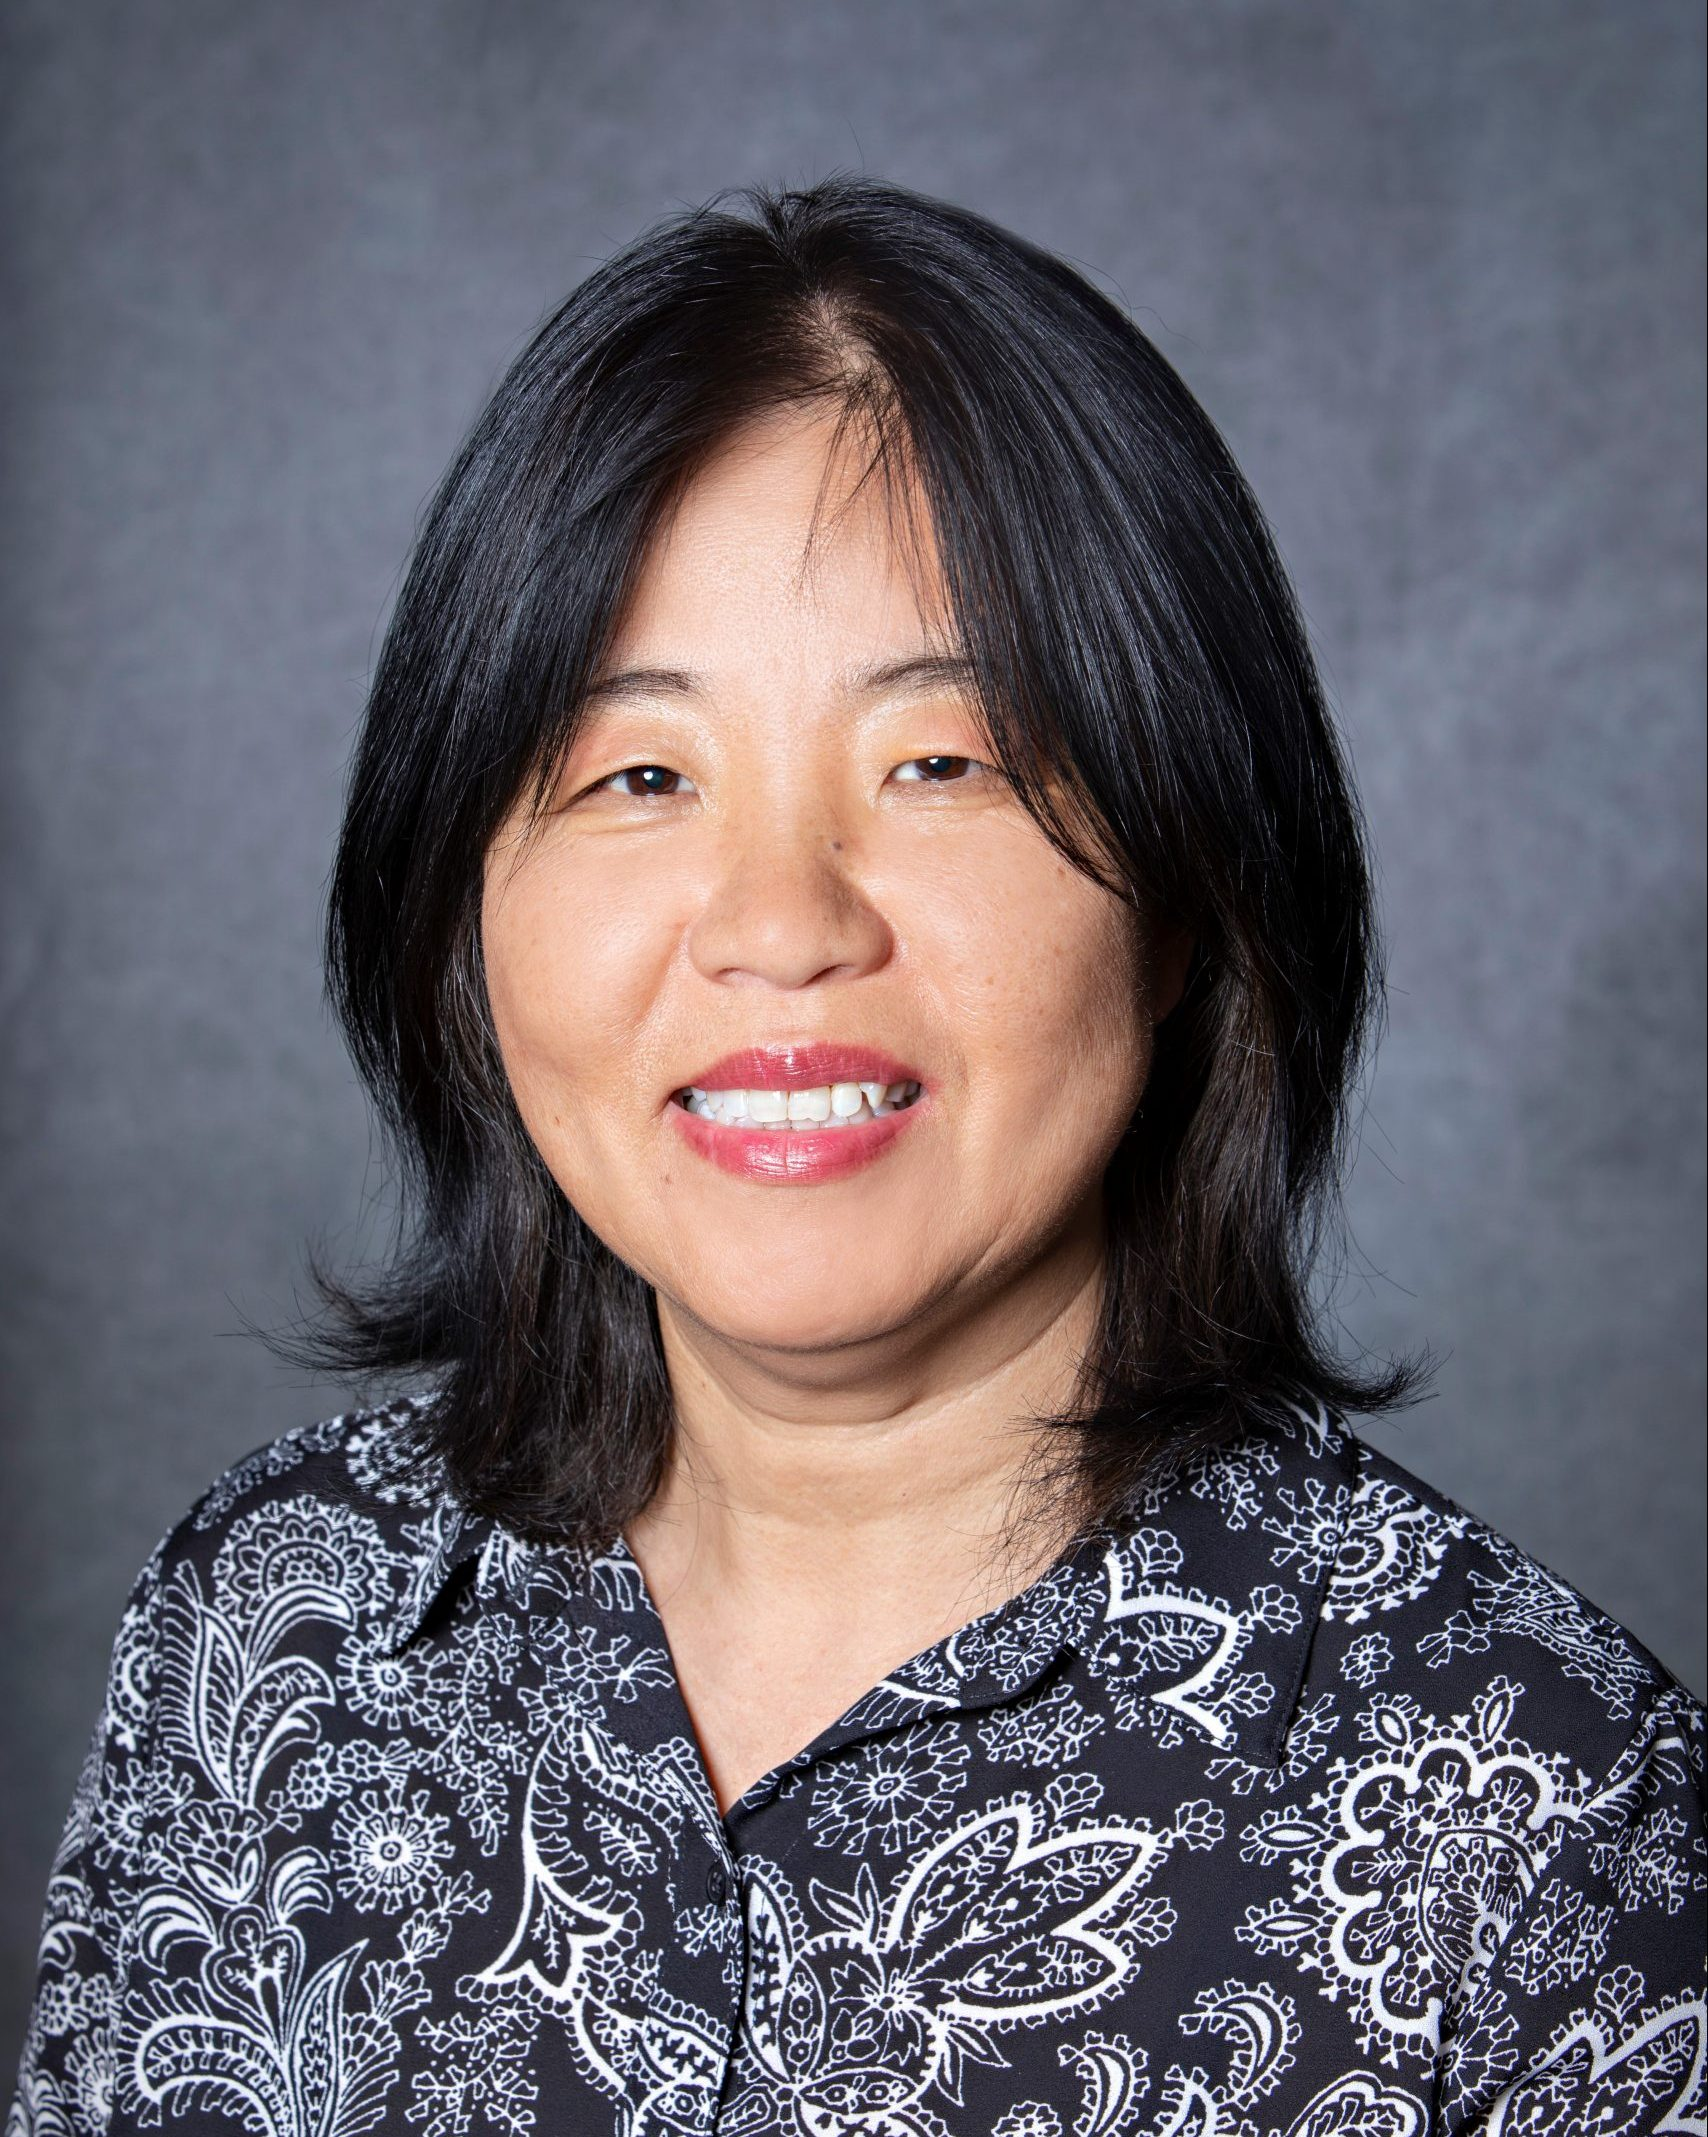 Aize Cao, Ph.D.